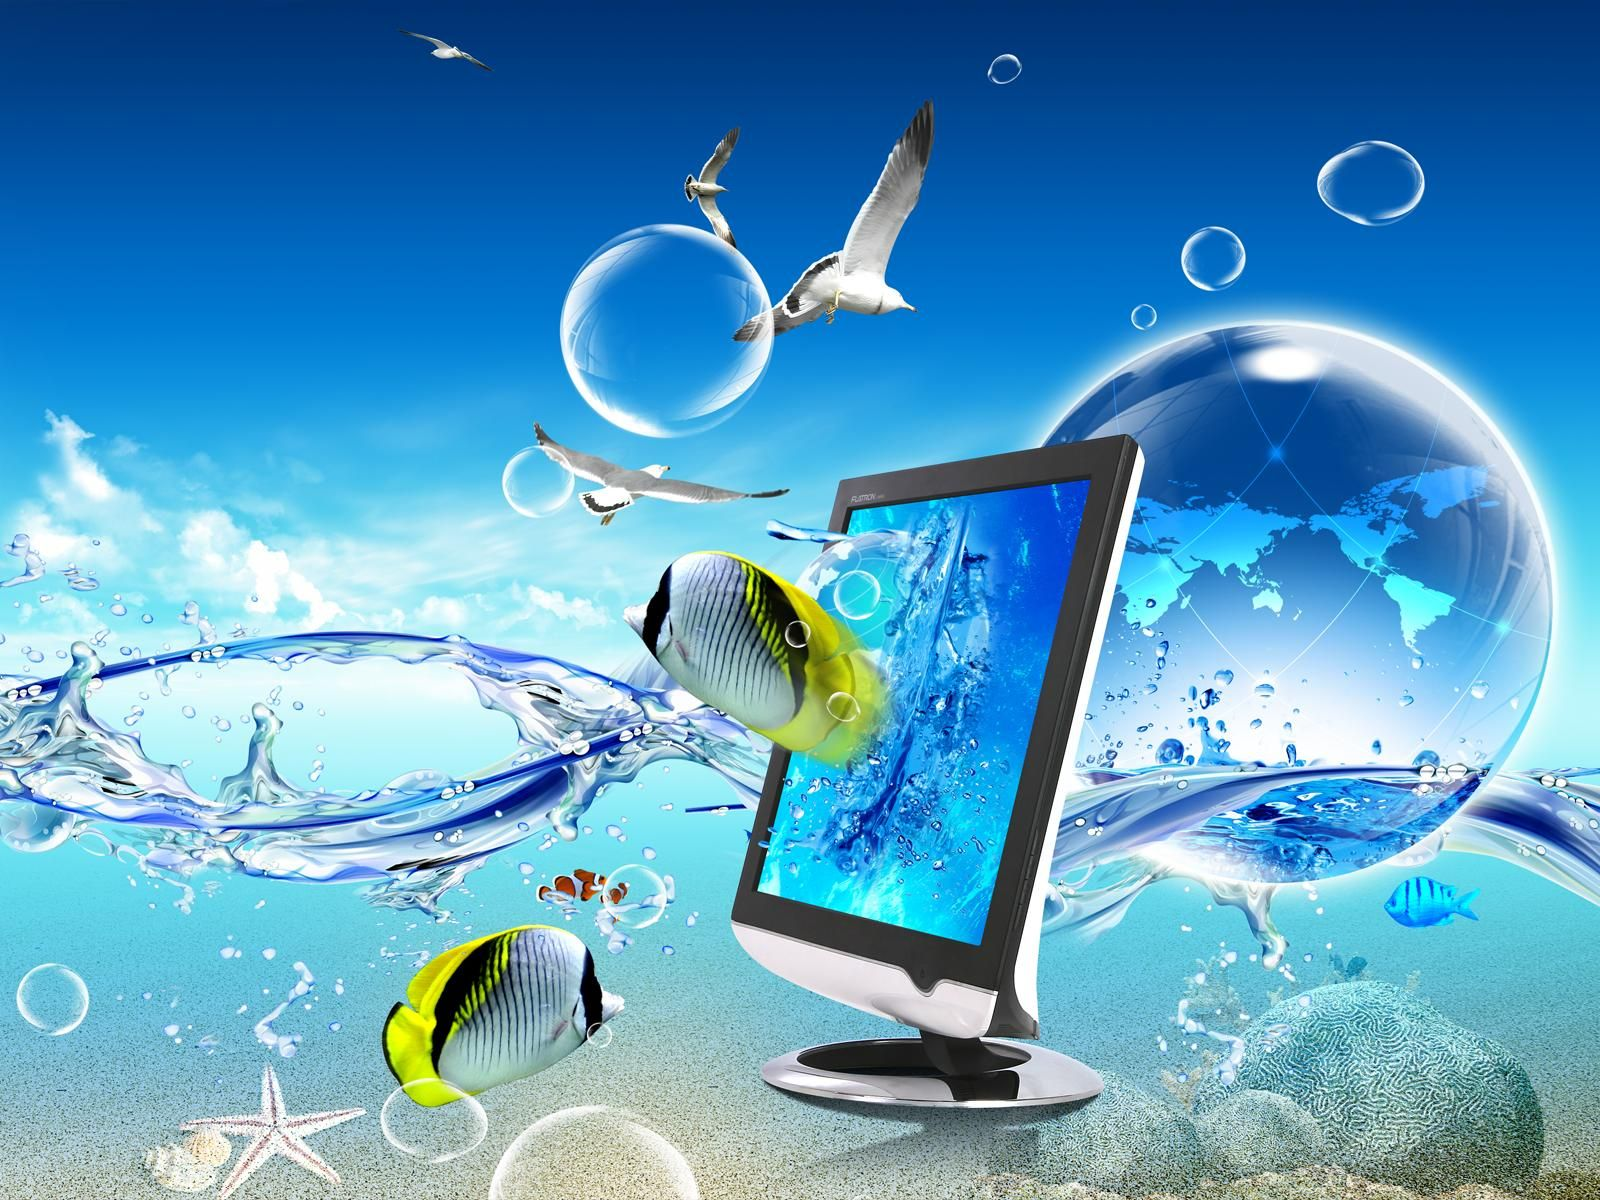 HD Live Wallpaper for PC WallpaperSafari